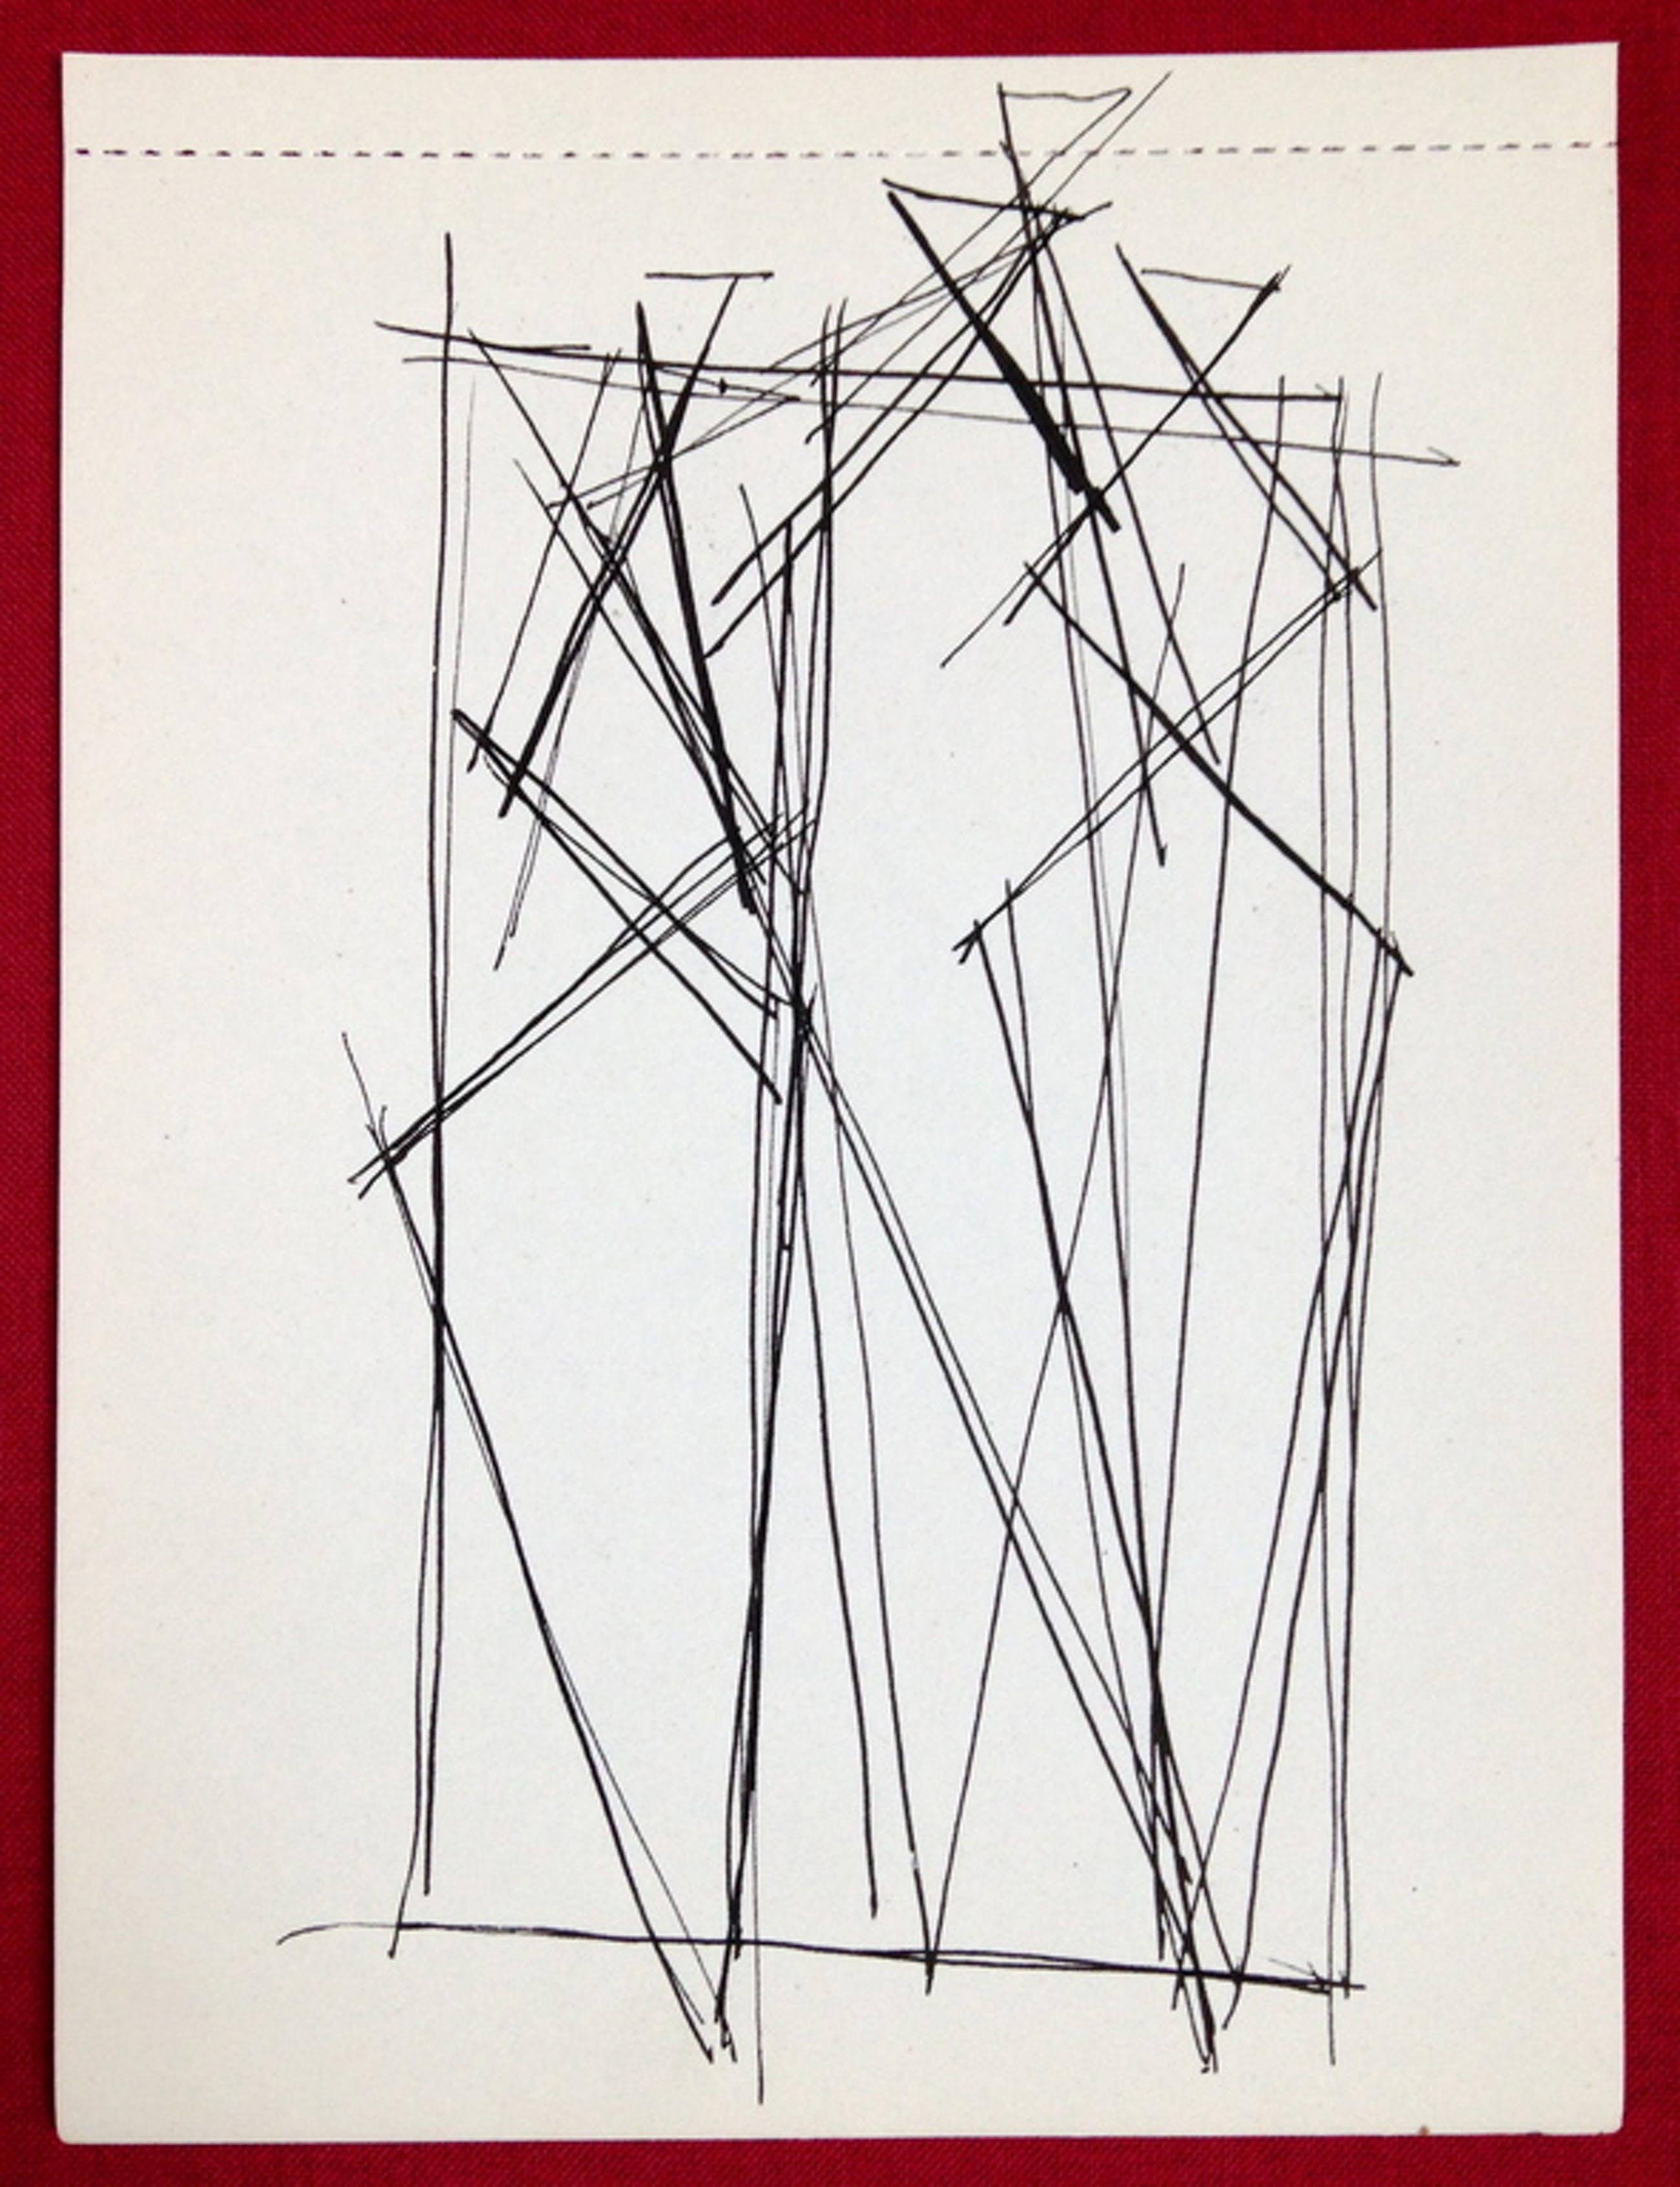 Siep van den Berg, ORIGINELE tekening uit 1956, 'Figuren' kopen? Bied vanaf 1!